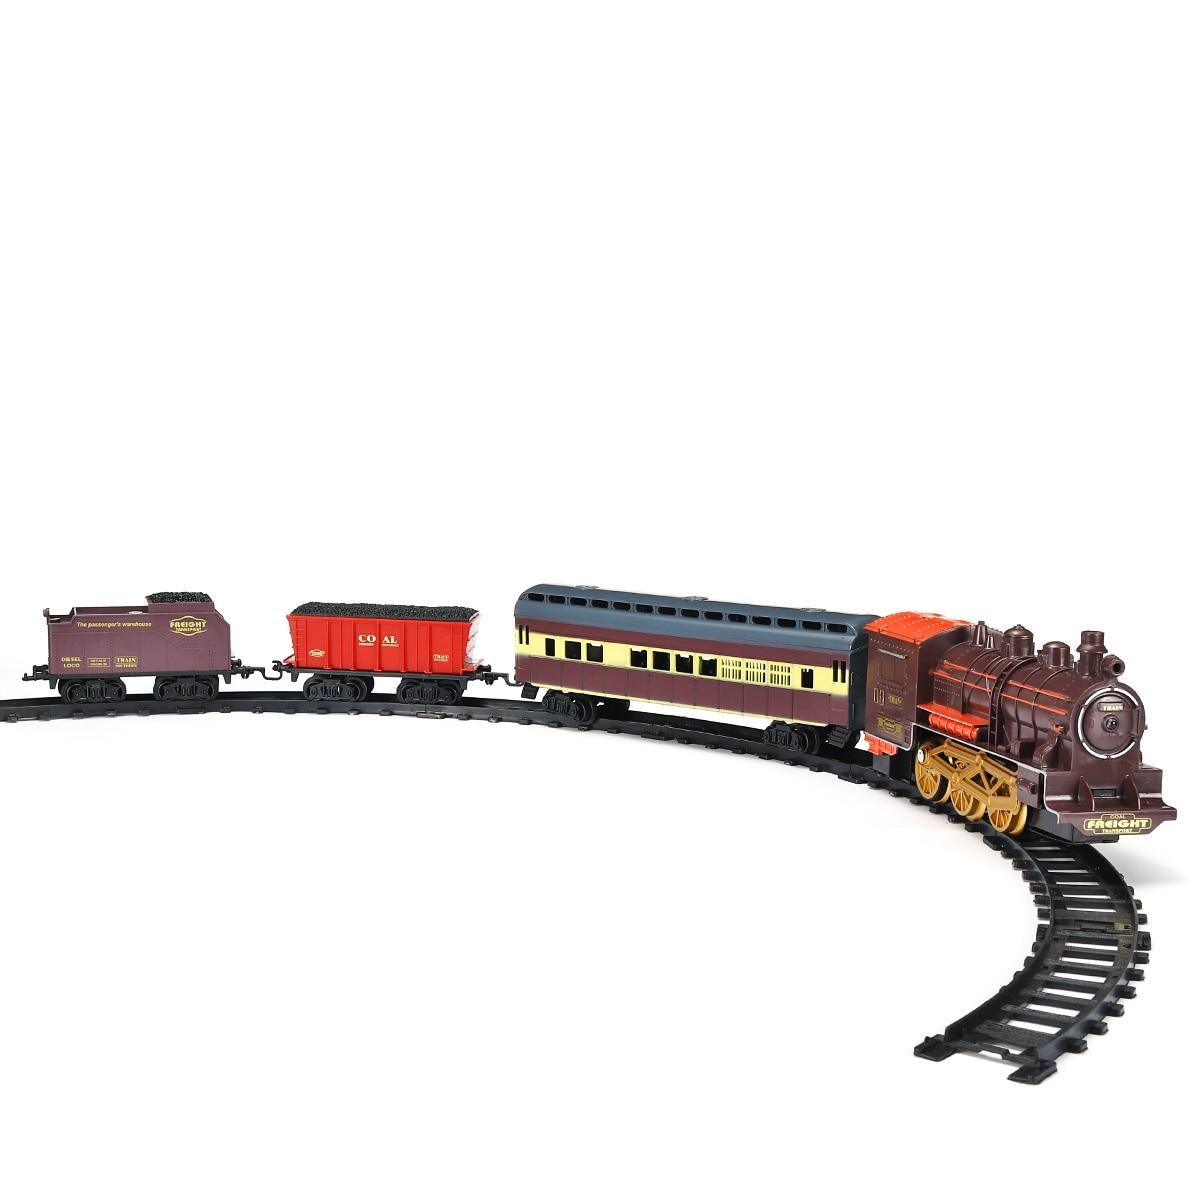 Retro Electric Train Toy Rails Remote Control Train Model Railway Set Train Dynamic Steam RC Trains Set Simulation Model Toy Set